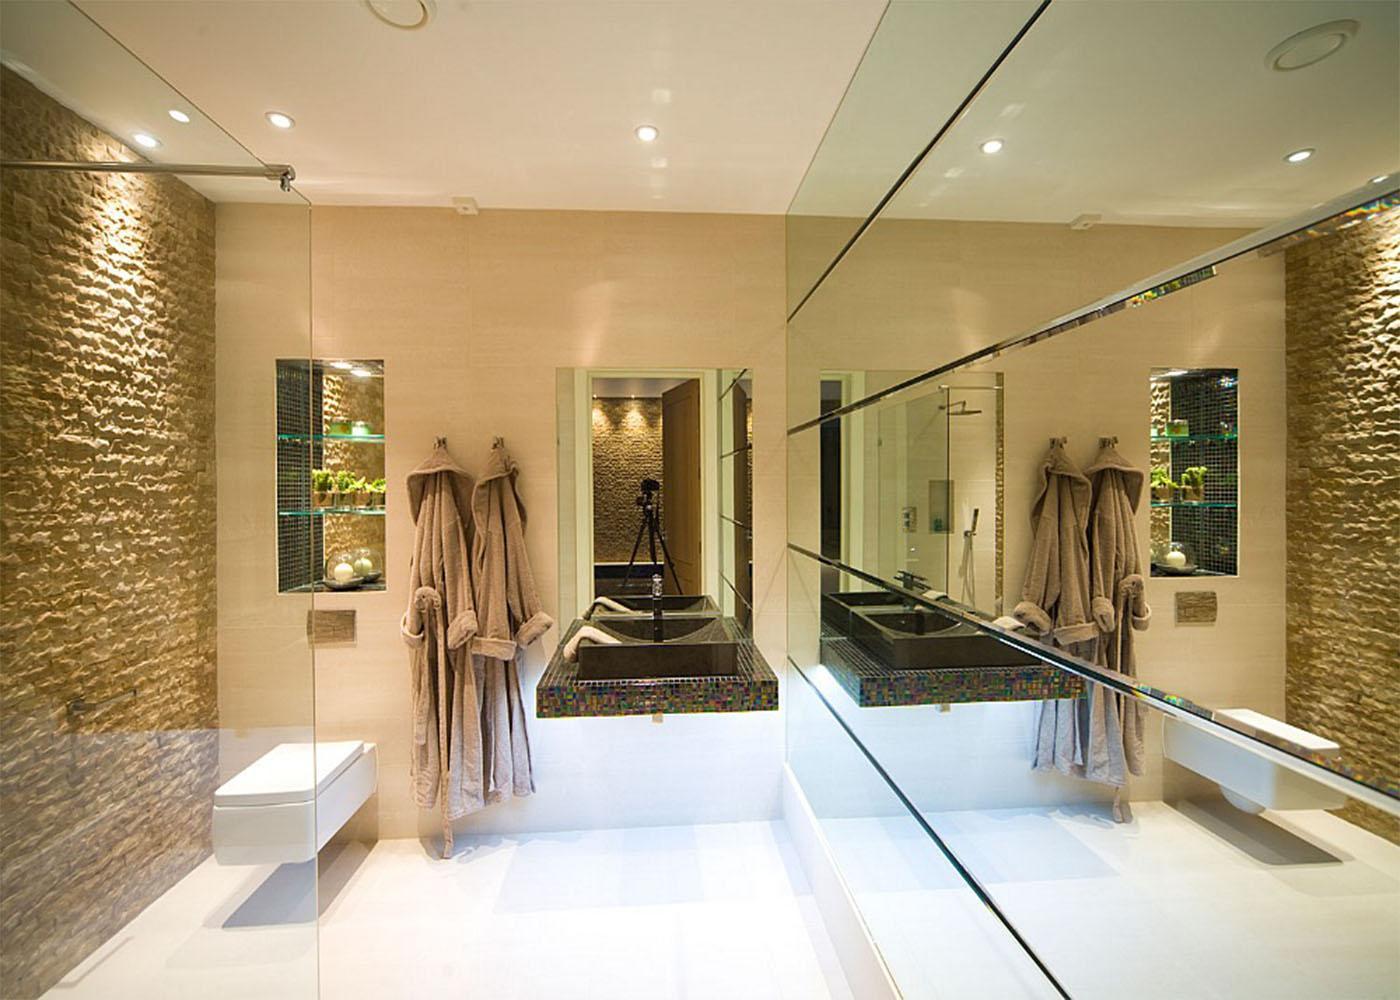 Imagem 54 – No banheiro ele reveste a parede inteira. #624A20 1400x1000 Balança De Banheiro Quanto Custa